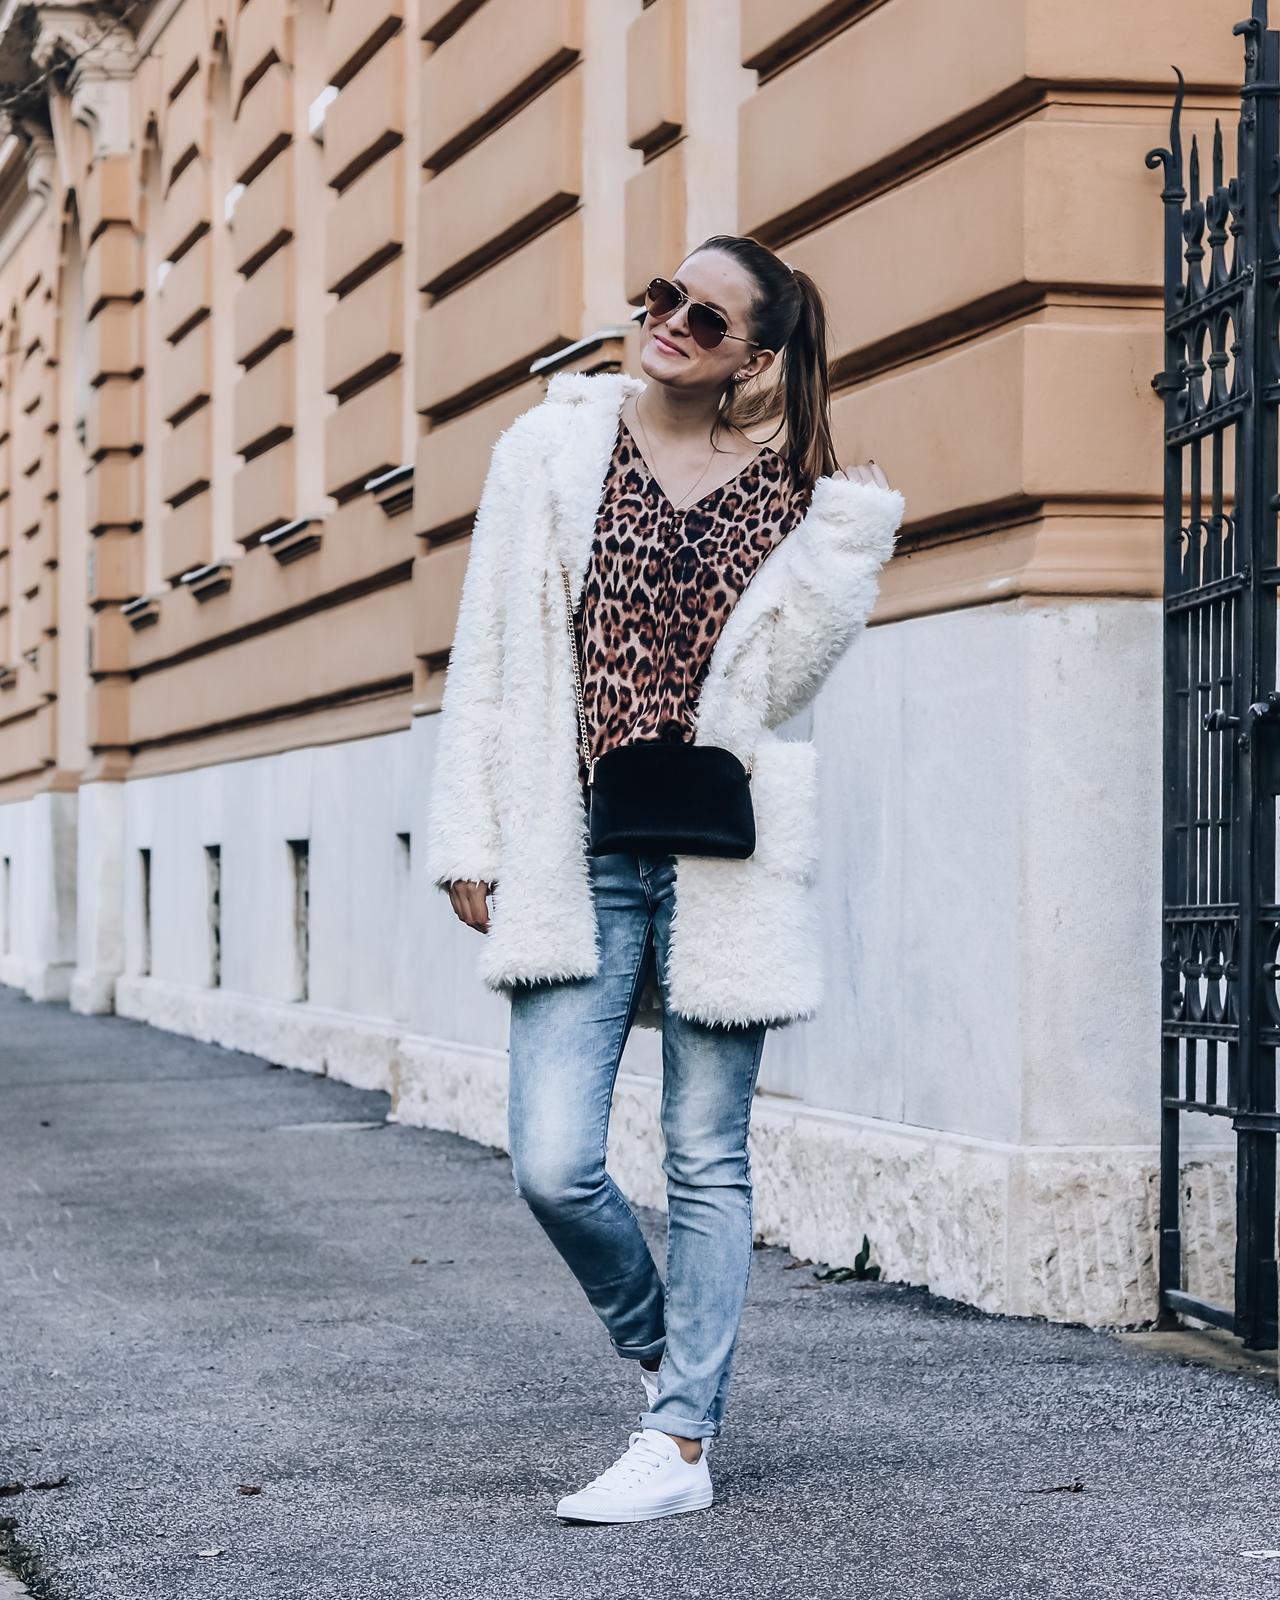 10 stylische Outfit Ideen für den Winter - Winter Looks - Was ziehe ich im Winter an - Stylingideen - Outfits für den Winter - coole Winter Looks - Styles für den Winter - Winterstyles Fashionladyloves by Tamara Wagner - Fashionblogger